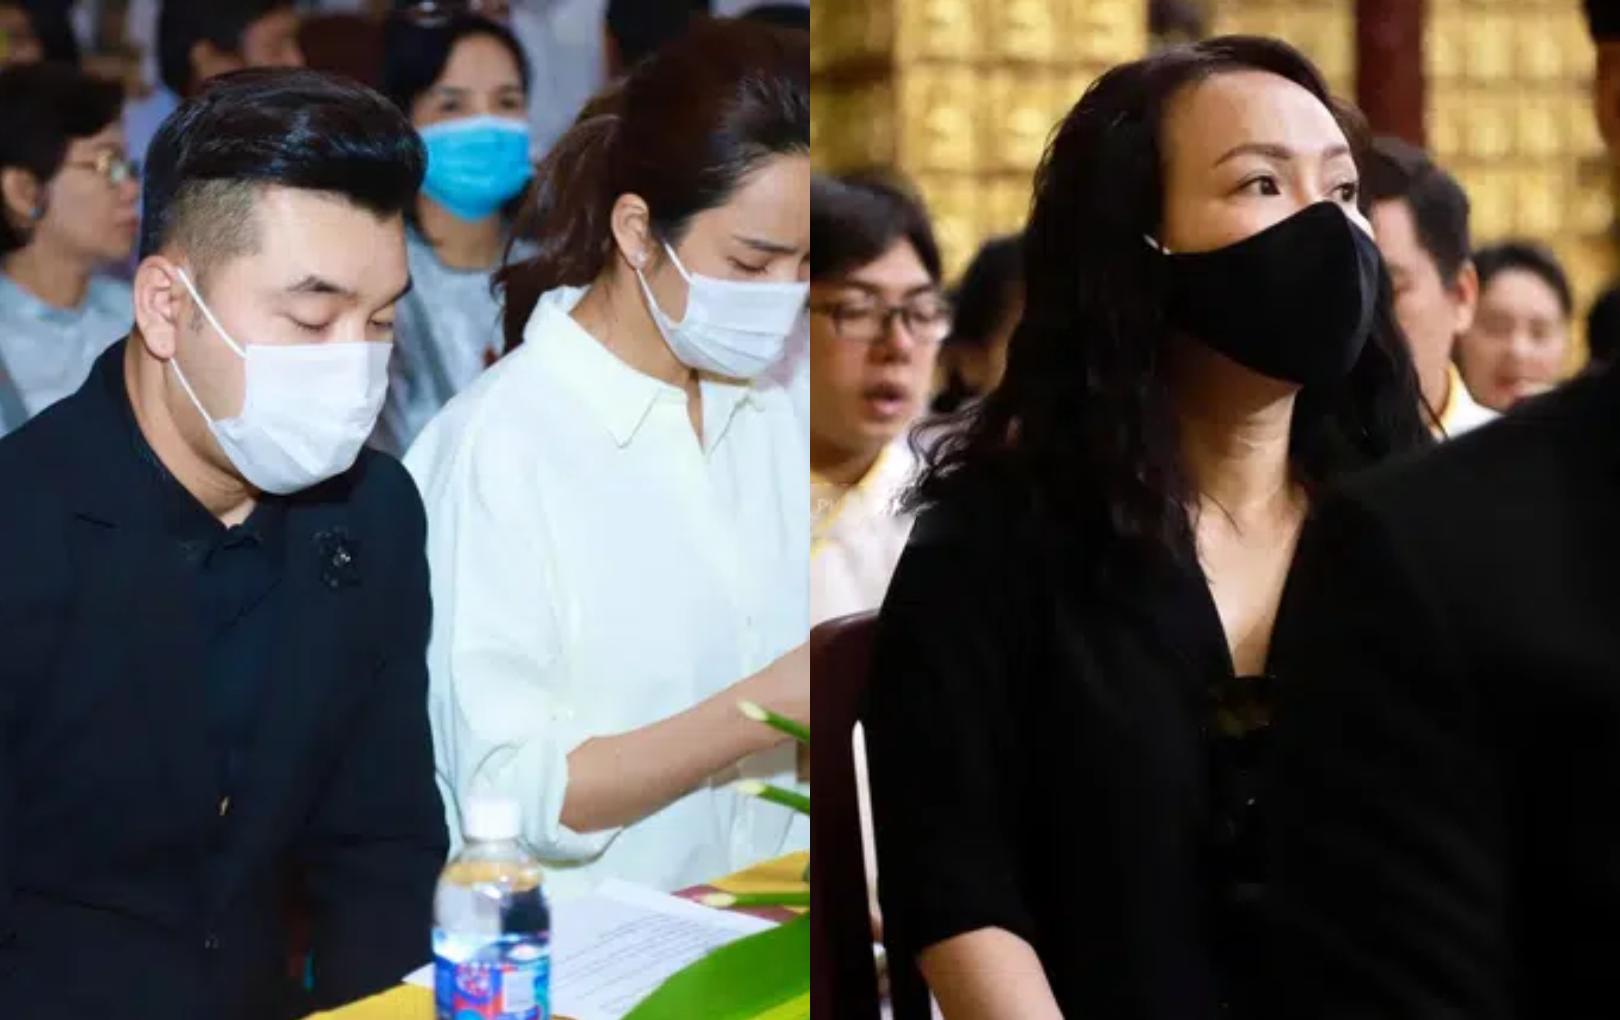 Dàn nghệ sĩ Việt tại tang lễ Vân Quang Long: Việt Hương, vợ chồng Ưng Hoàng Phúc không giấu nổi sự đau lòng